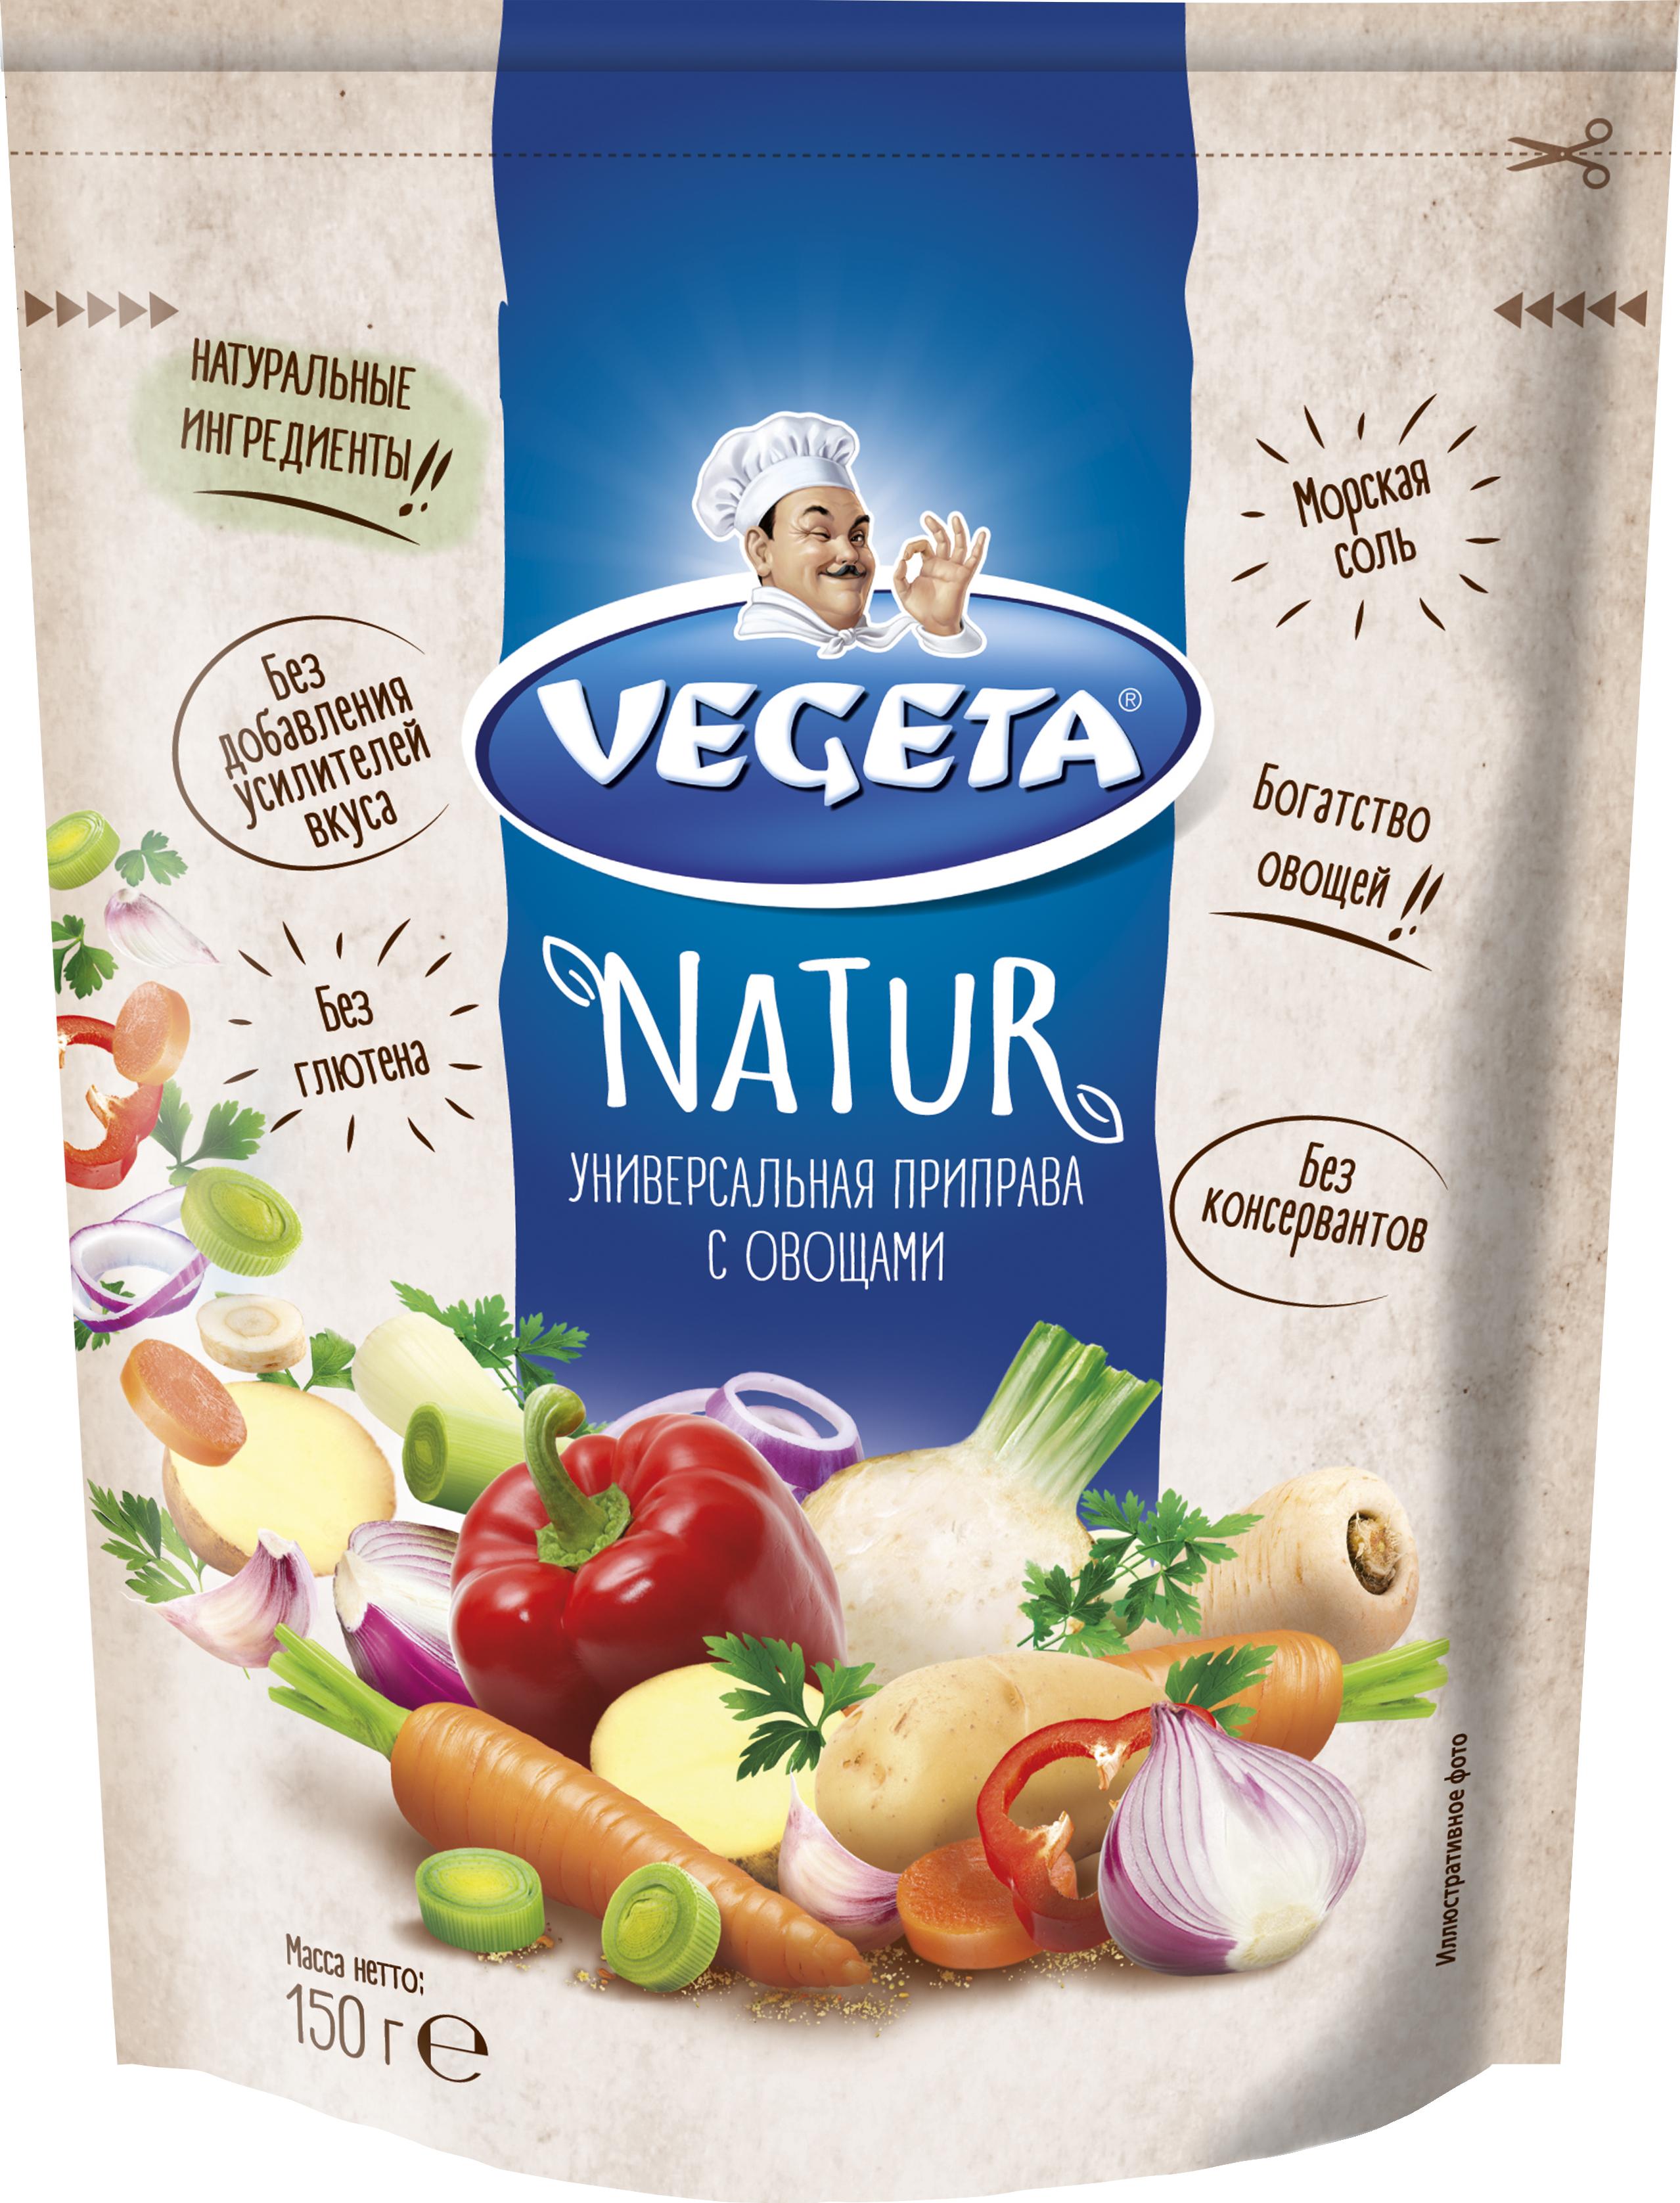 Vegeta Natur универсальная приправа с овощами, 150 г приправа универсальная gusly